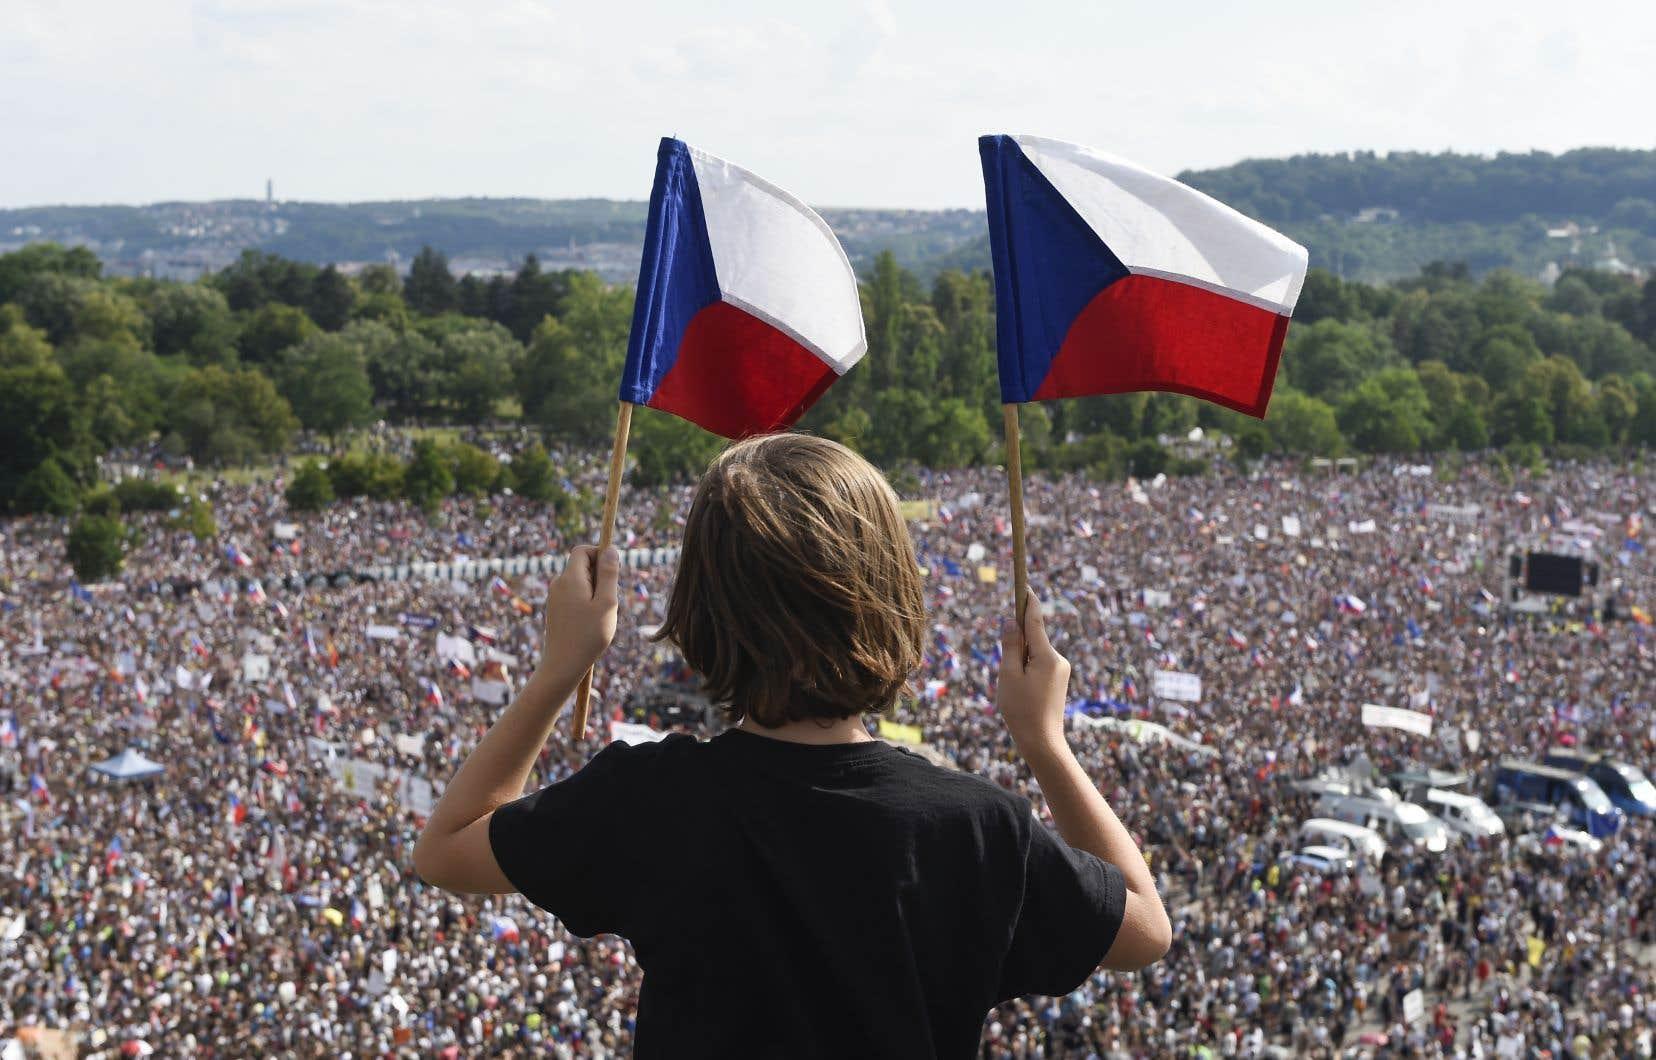 Environ 250000 personnes se sont rassemblées dans la capitale tchèque, selon les organisateursde la manifestation.